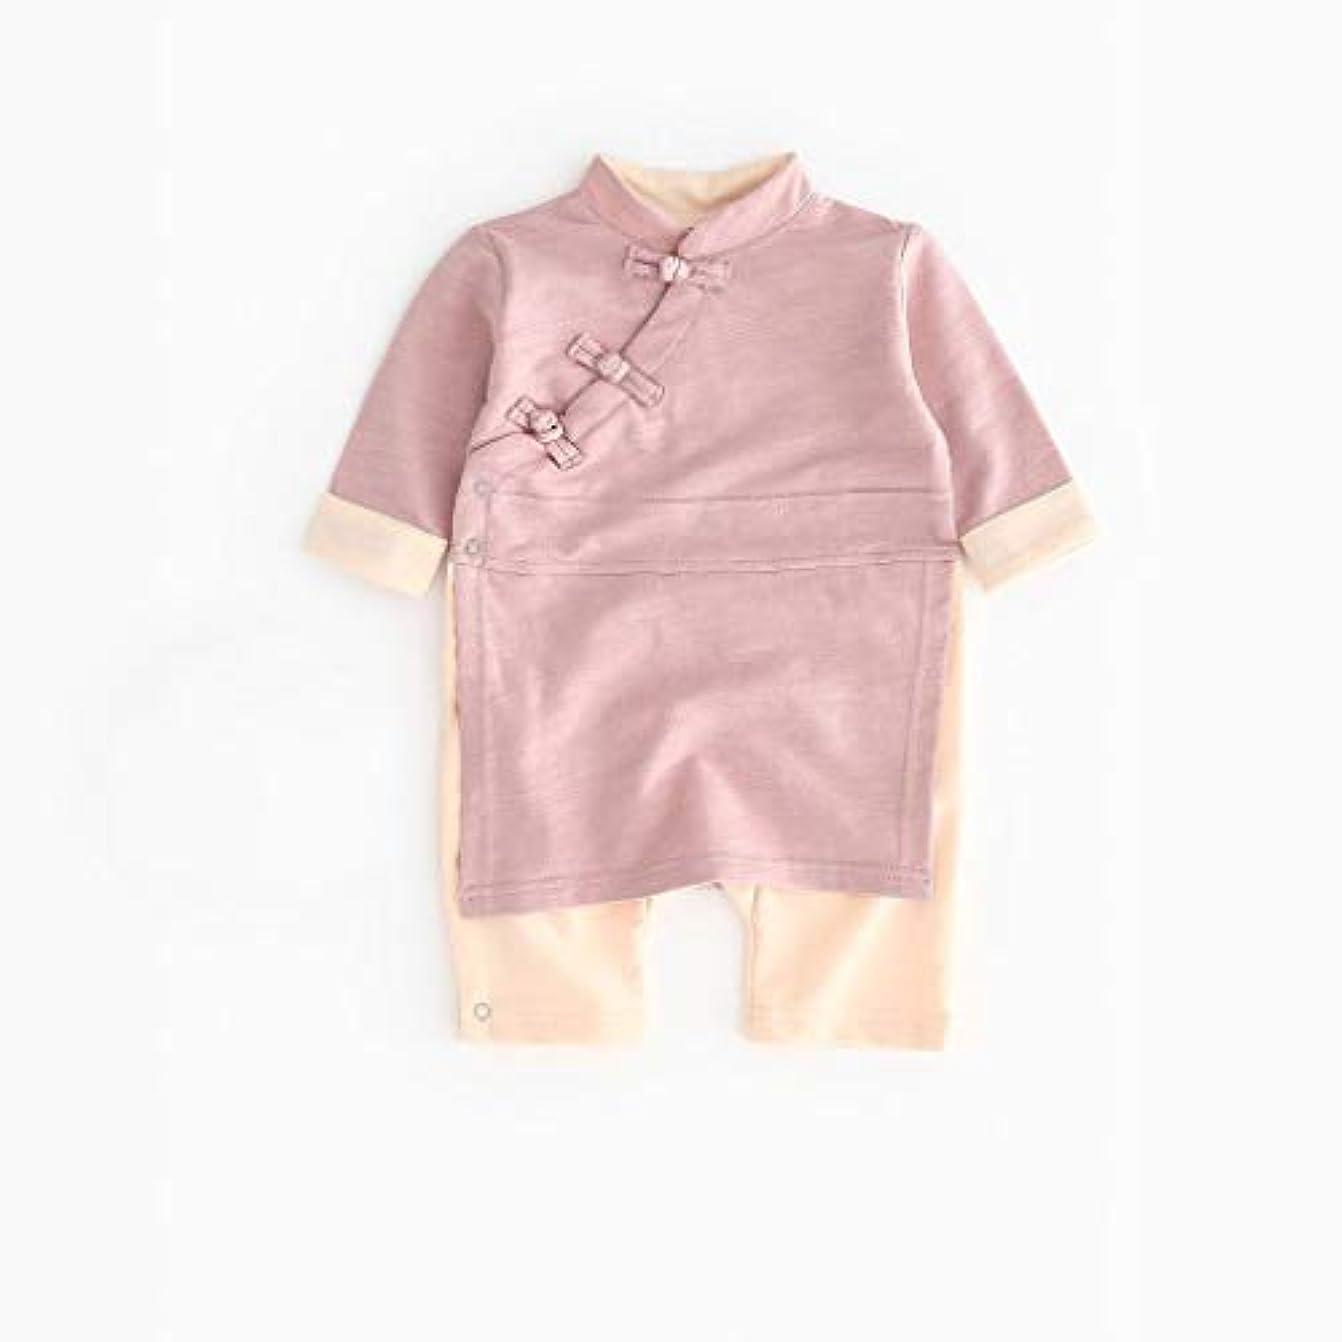 文芸ノミネートスティックかわいいボタン漢風生まれたばかりの赤ちゃん男の子女の子ボタン固体ロンパースジャンプスーツ着物服パジャマ女の子男の子レターストライプ長袖コットンロンパースジャンプスーツ